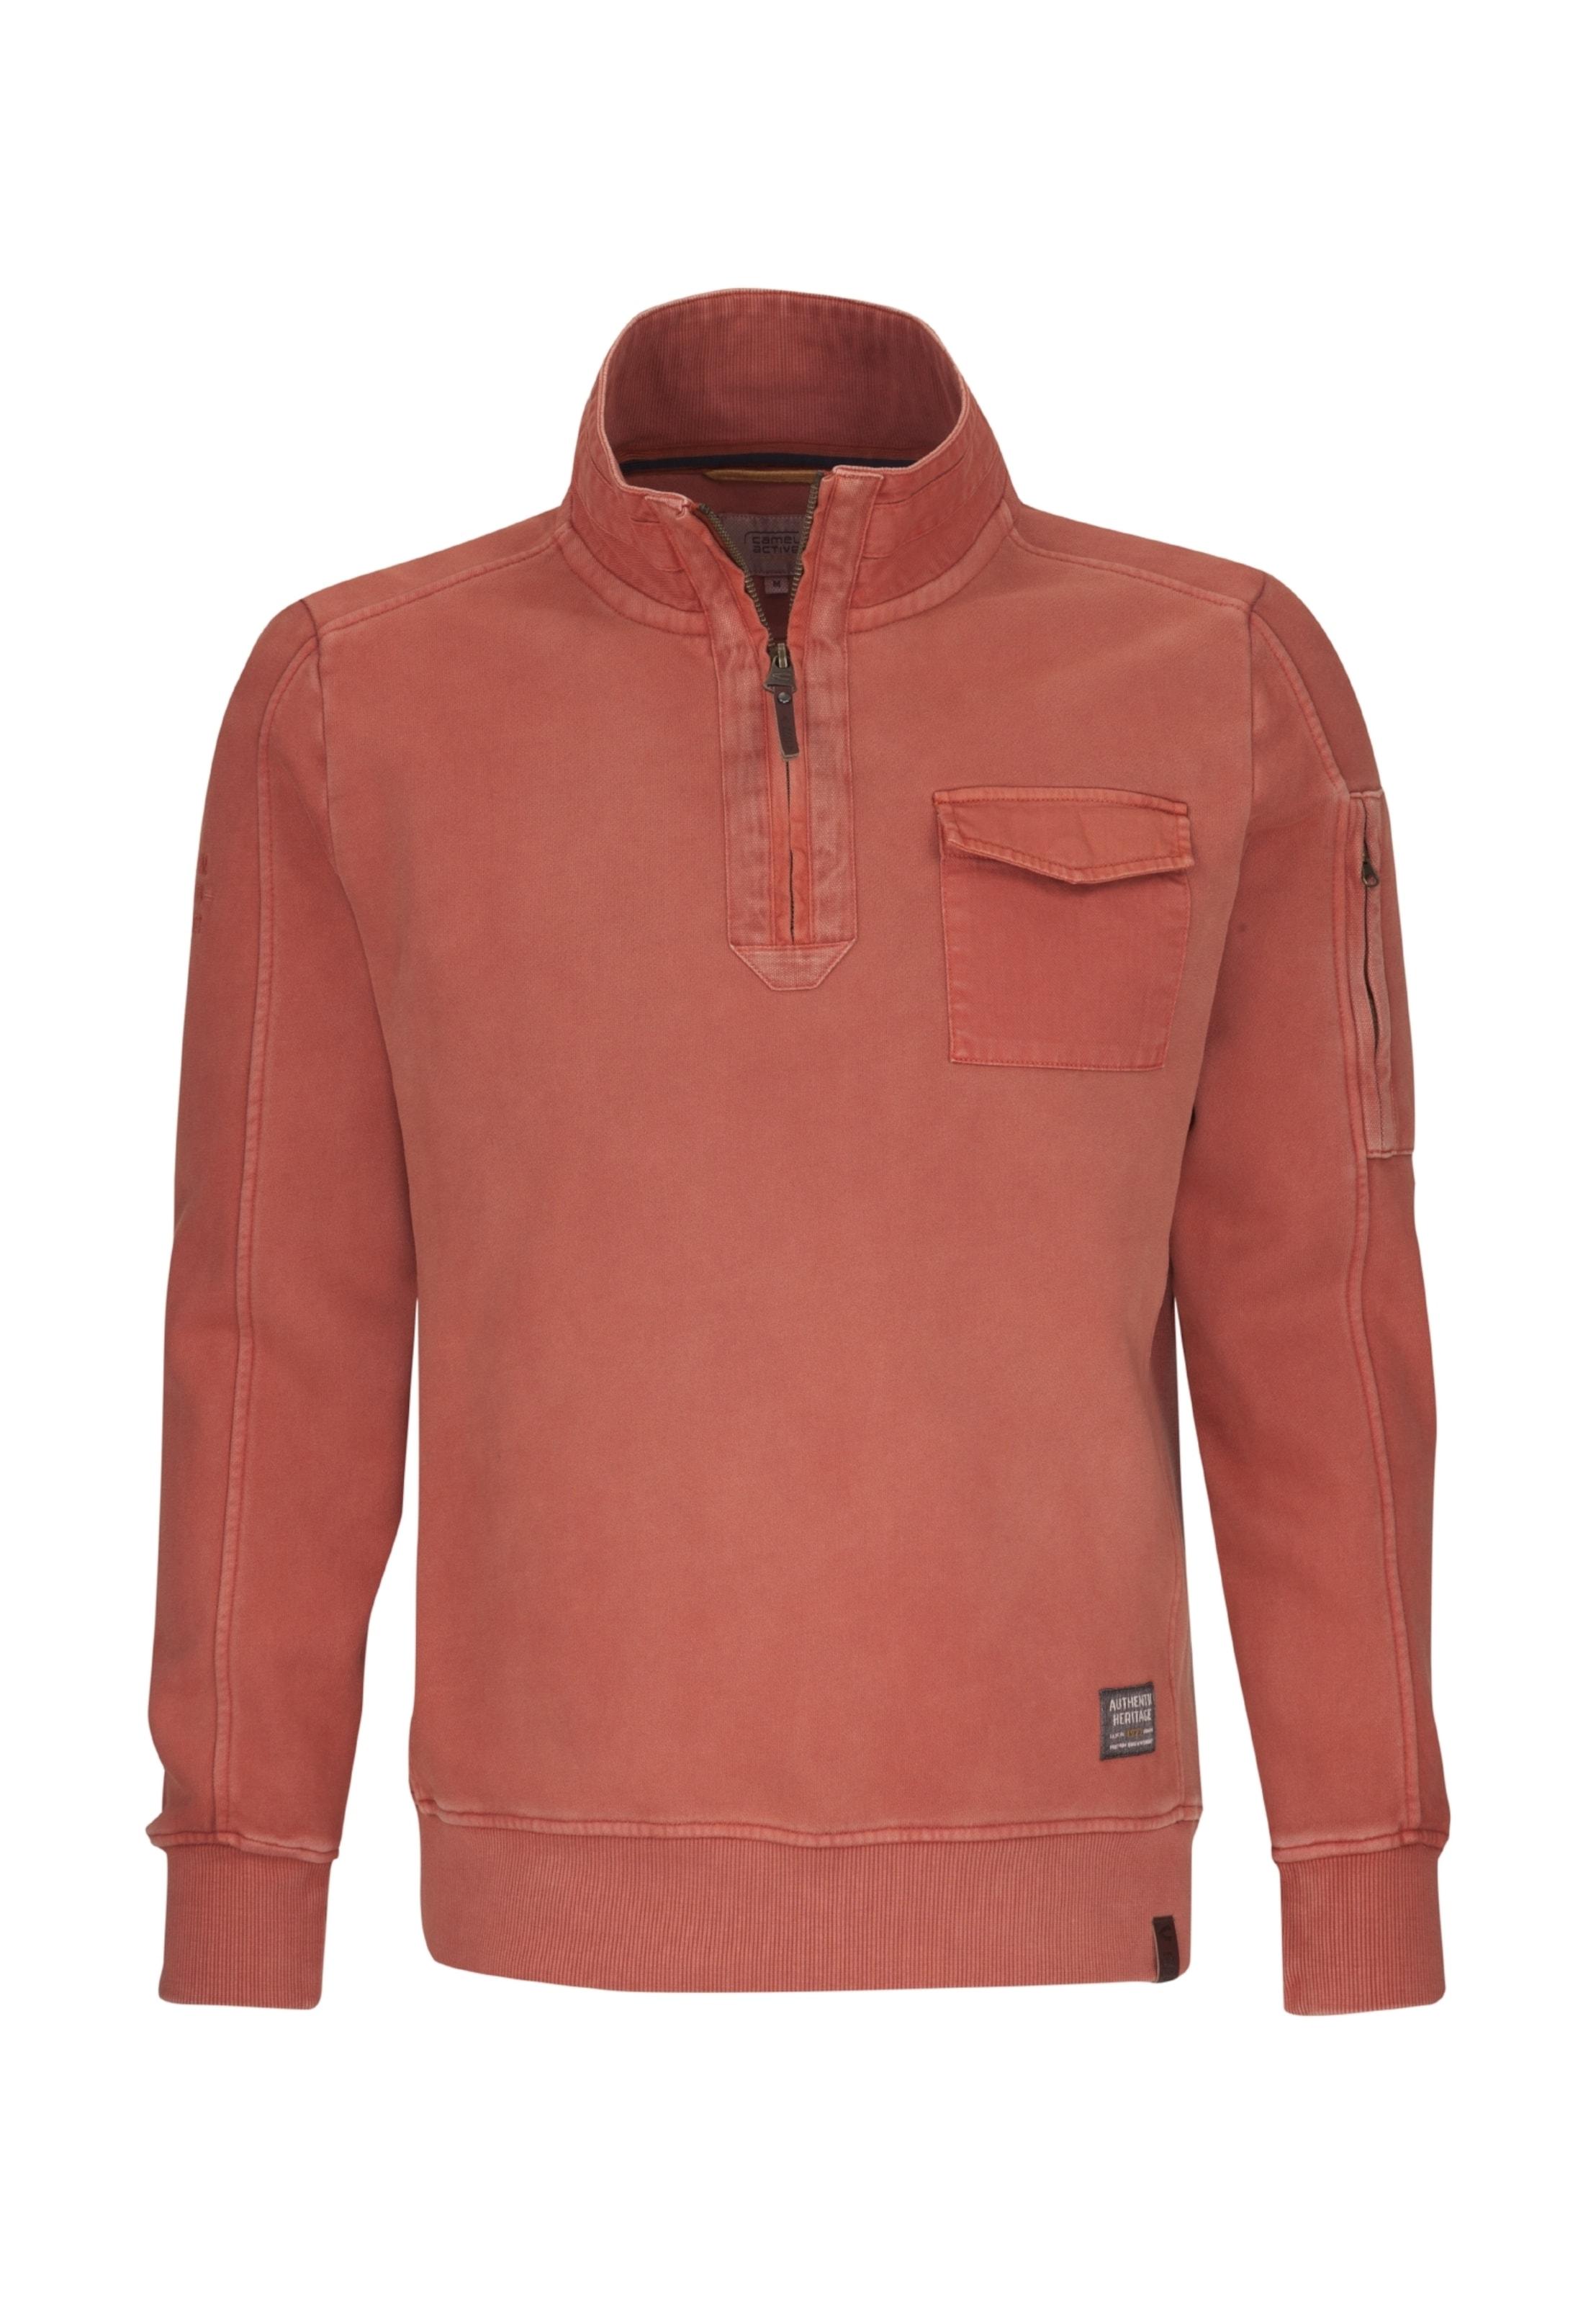 Rouge Active En Camel Rouille shirt Sweat cF1TlKJ